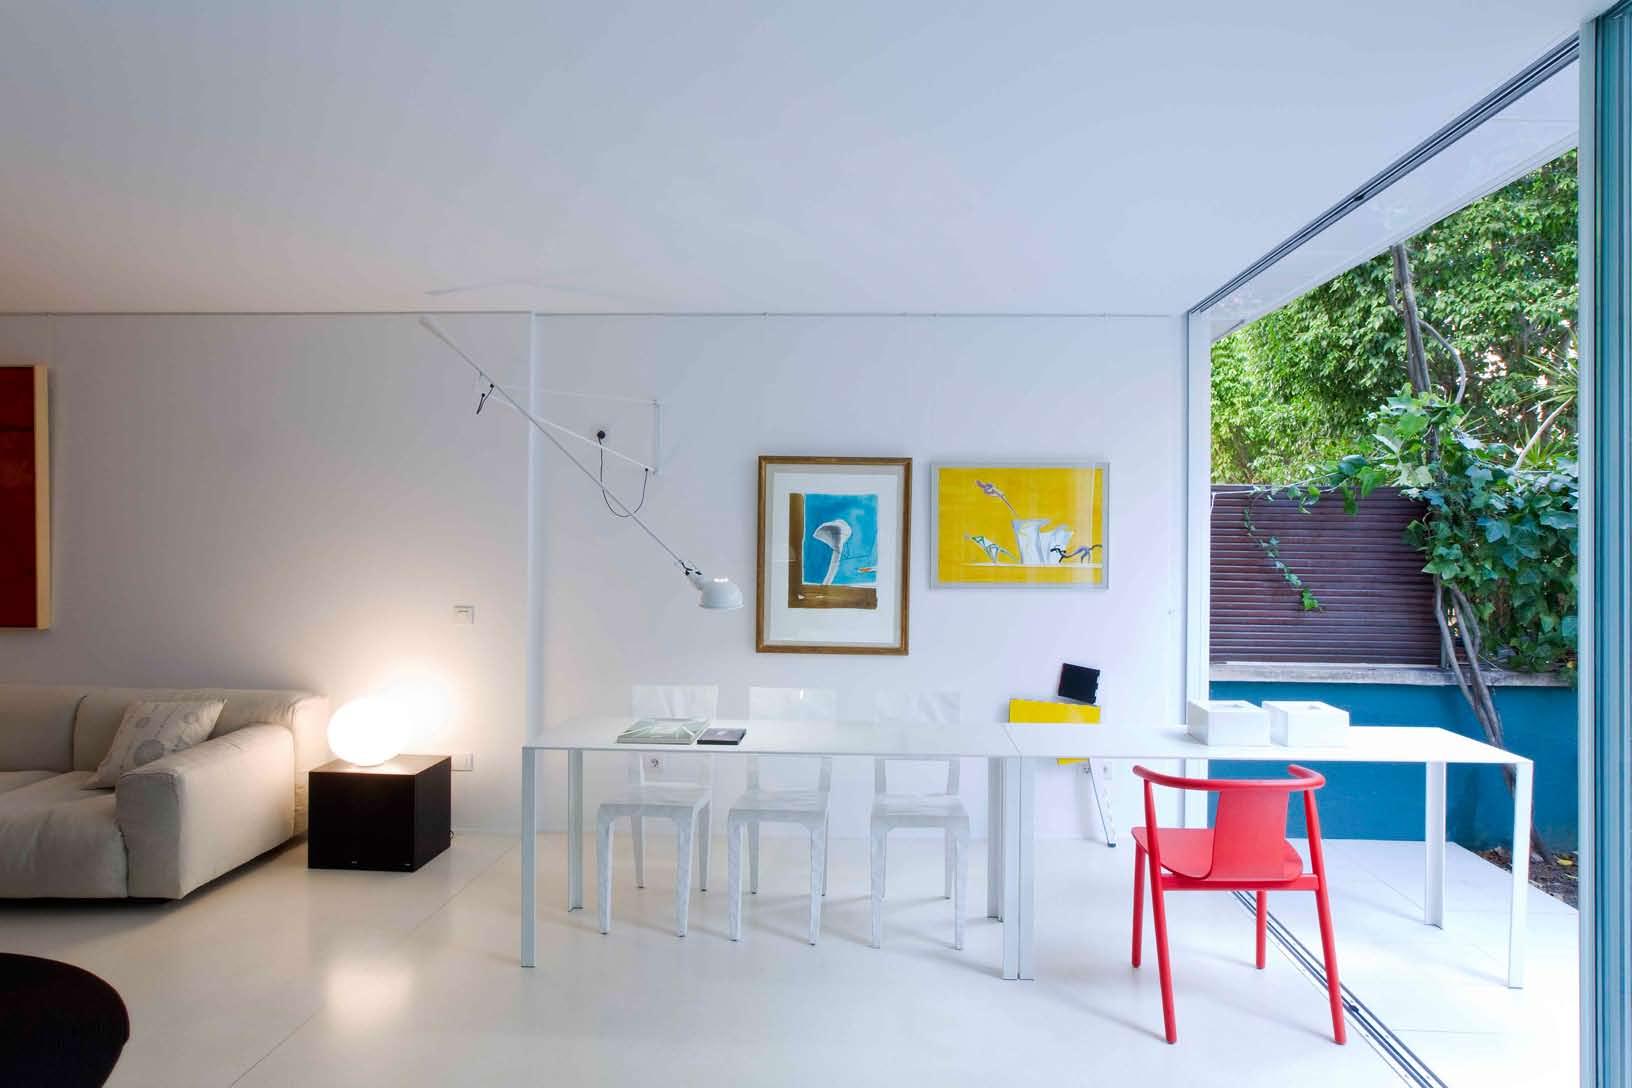 Casa con notas de color vilablanch estudio de for Curso de interiorismo barcelona